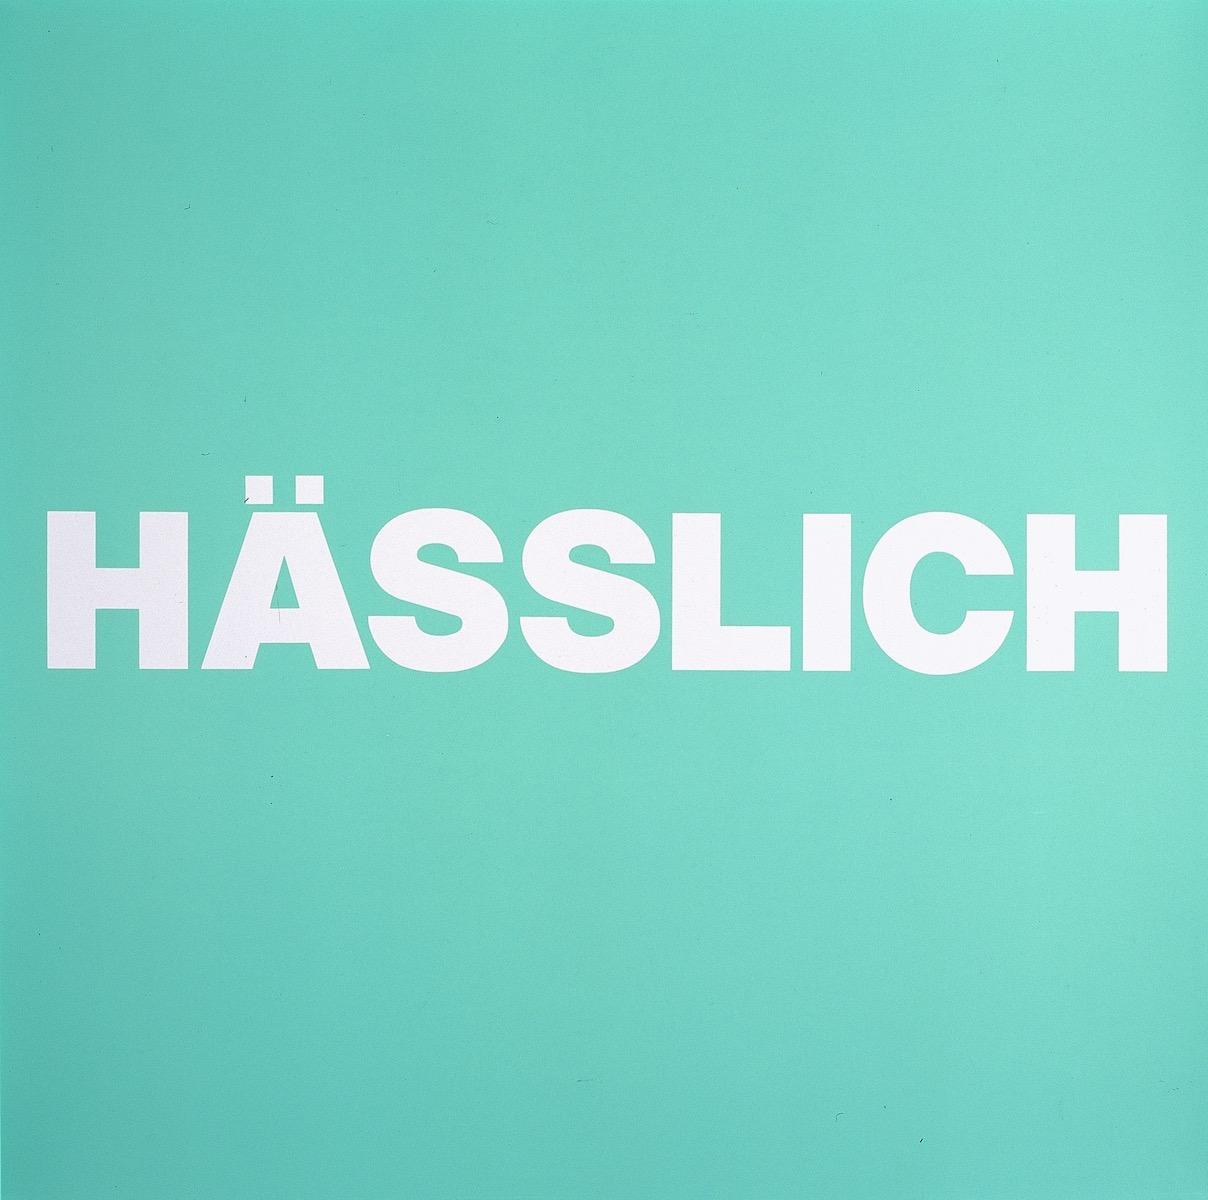 HÄSSLICH, GRÜN | Affirmation tut gut | Angelika Beuler | 1992